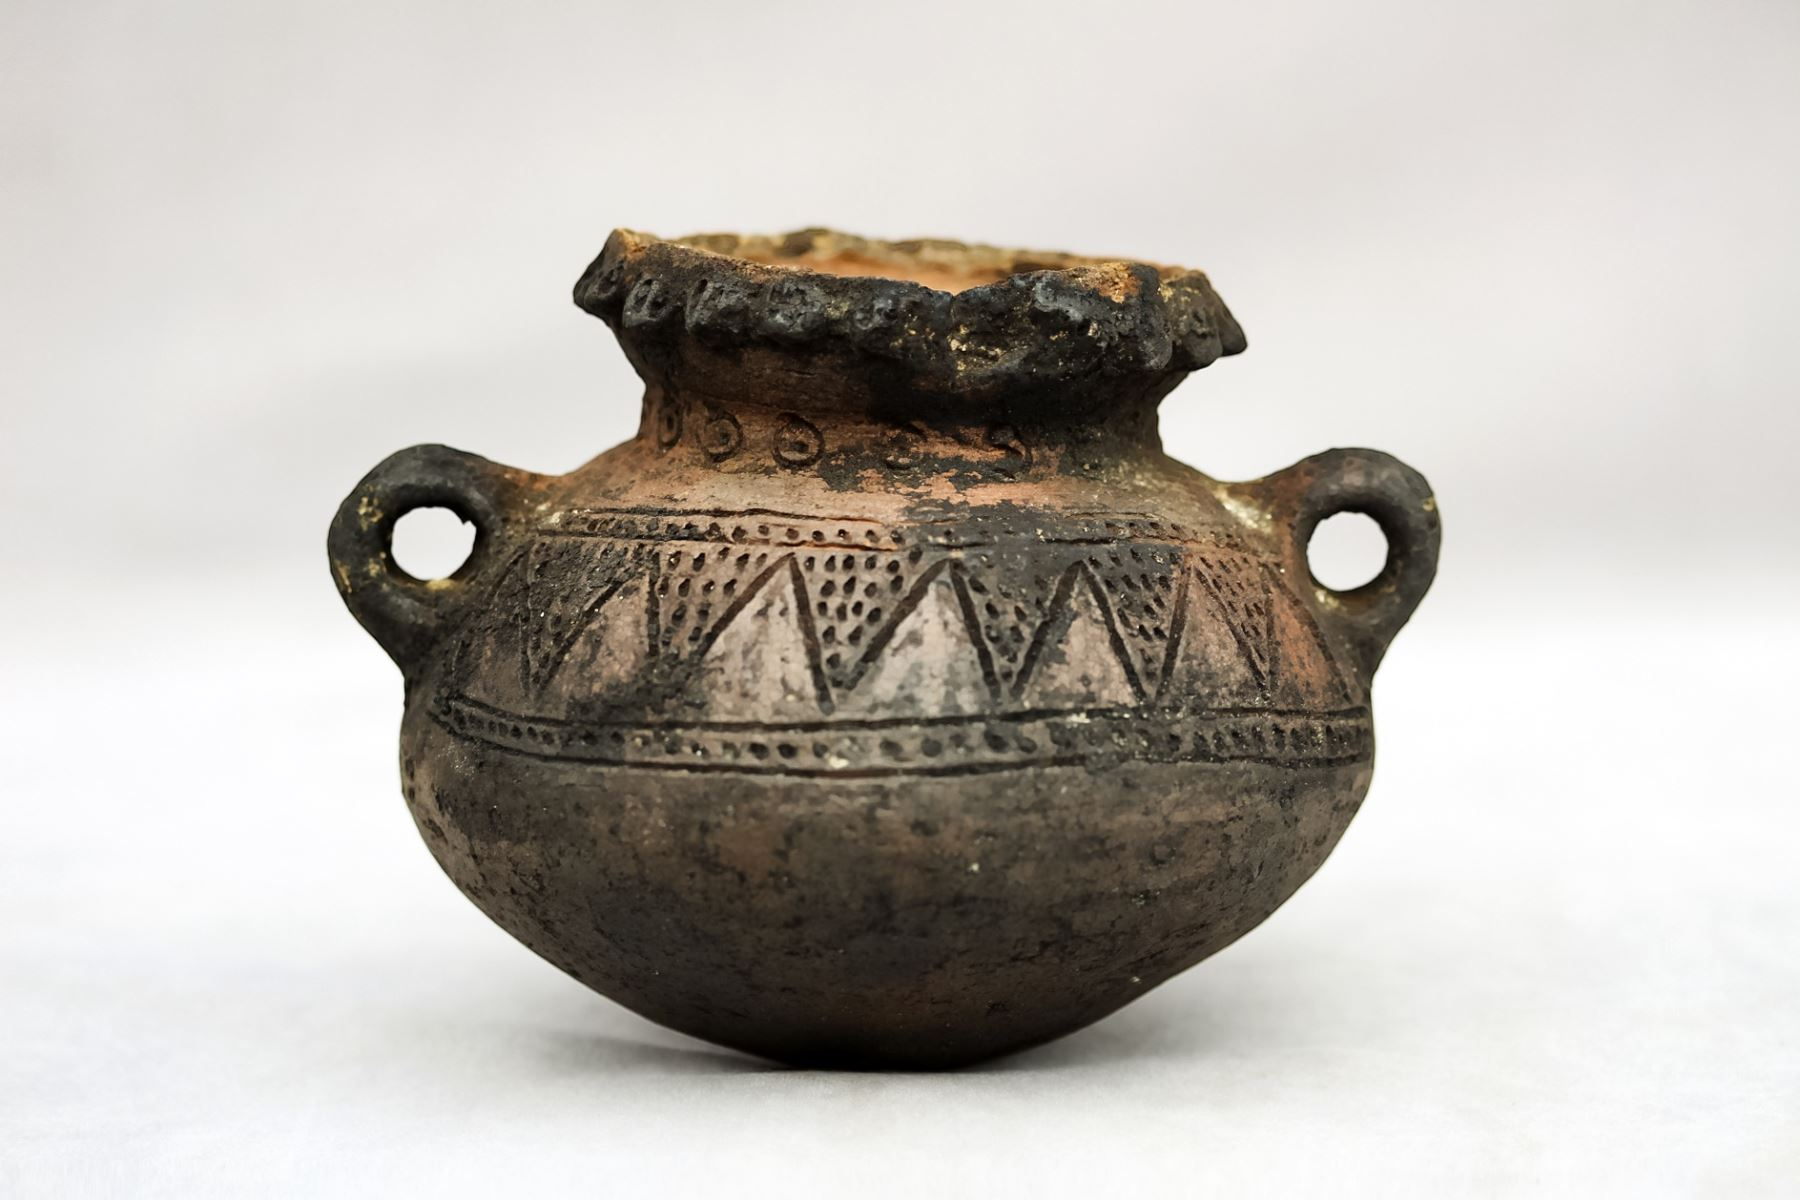 Cerámica de la cultura Casma hallada en el sitio arqueológico de Manchán